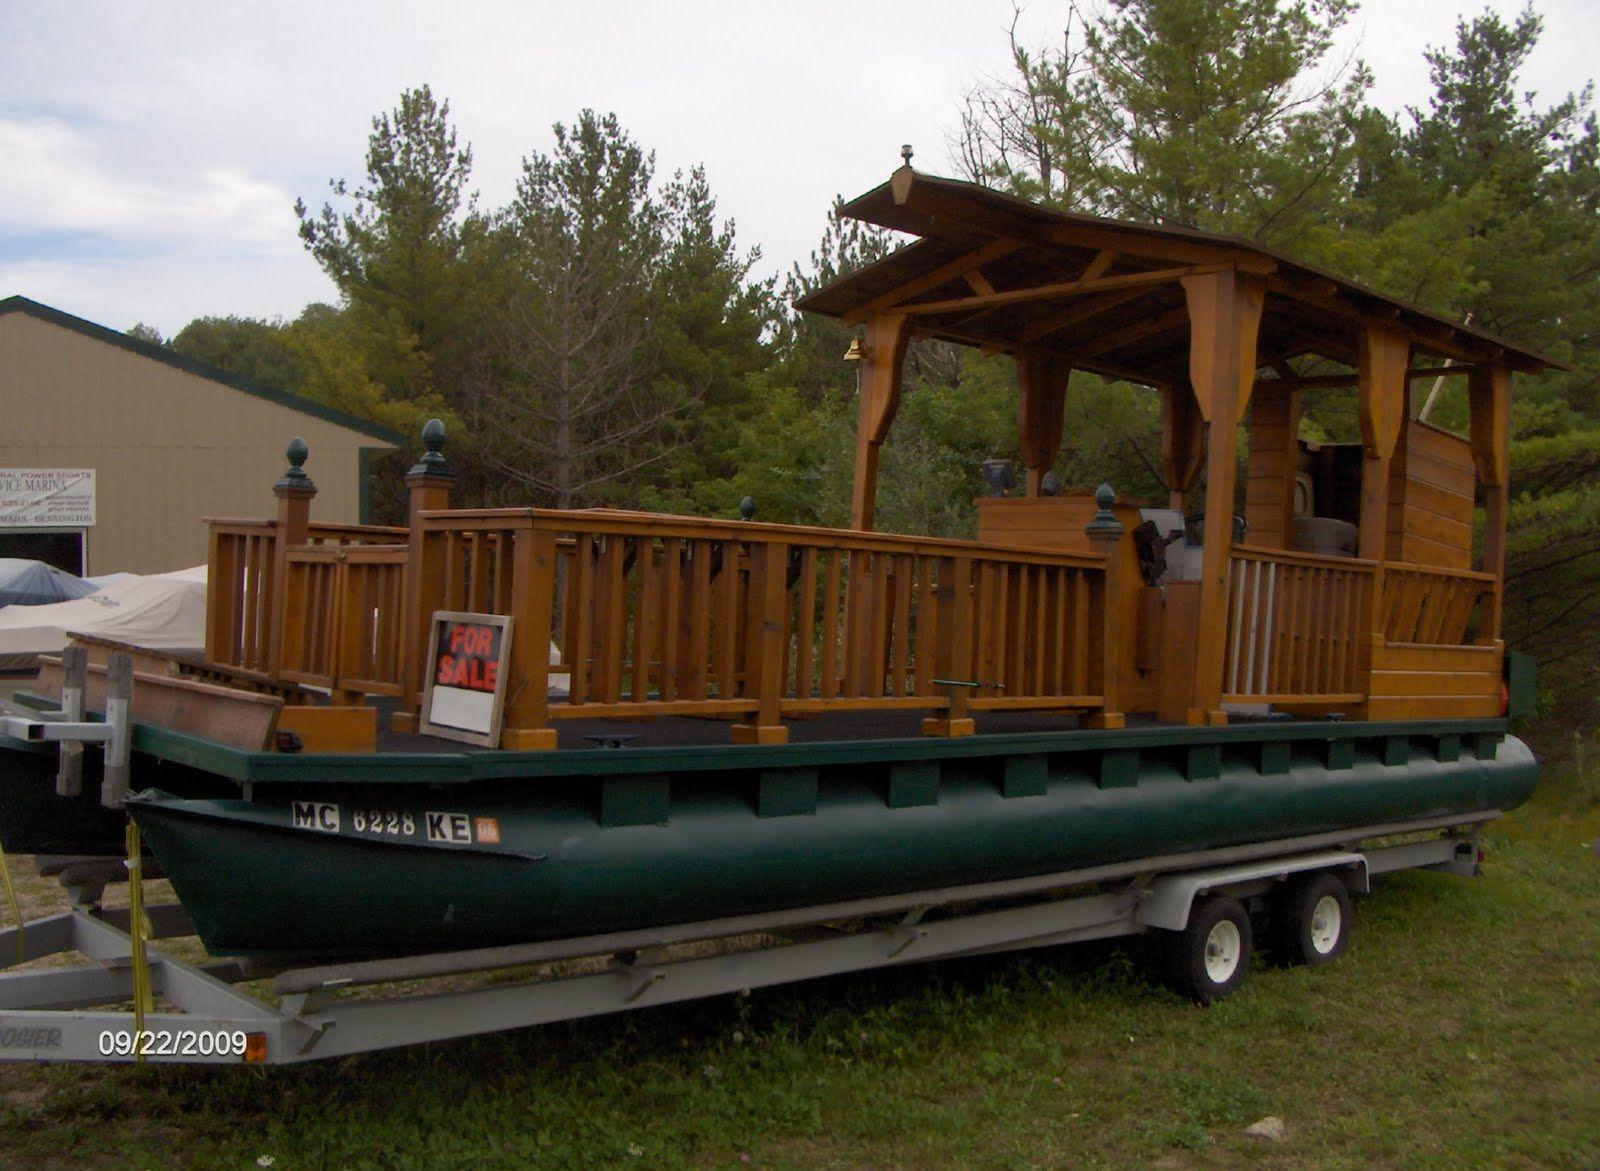 Pin By Gladrel Seeker On Pontoon Boat Ideas In 2019